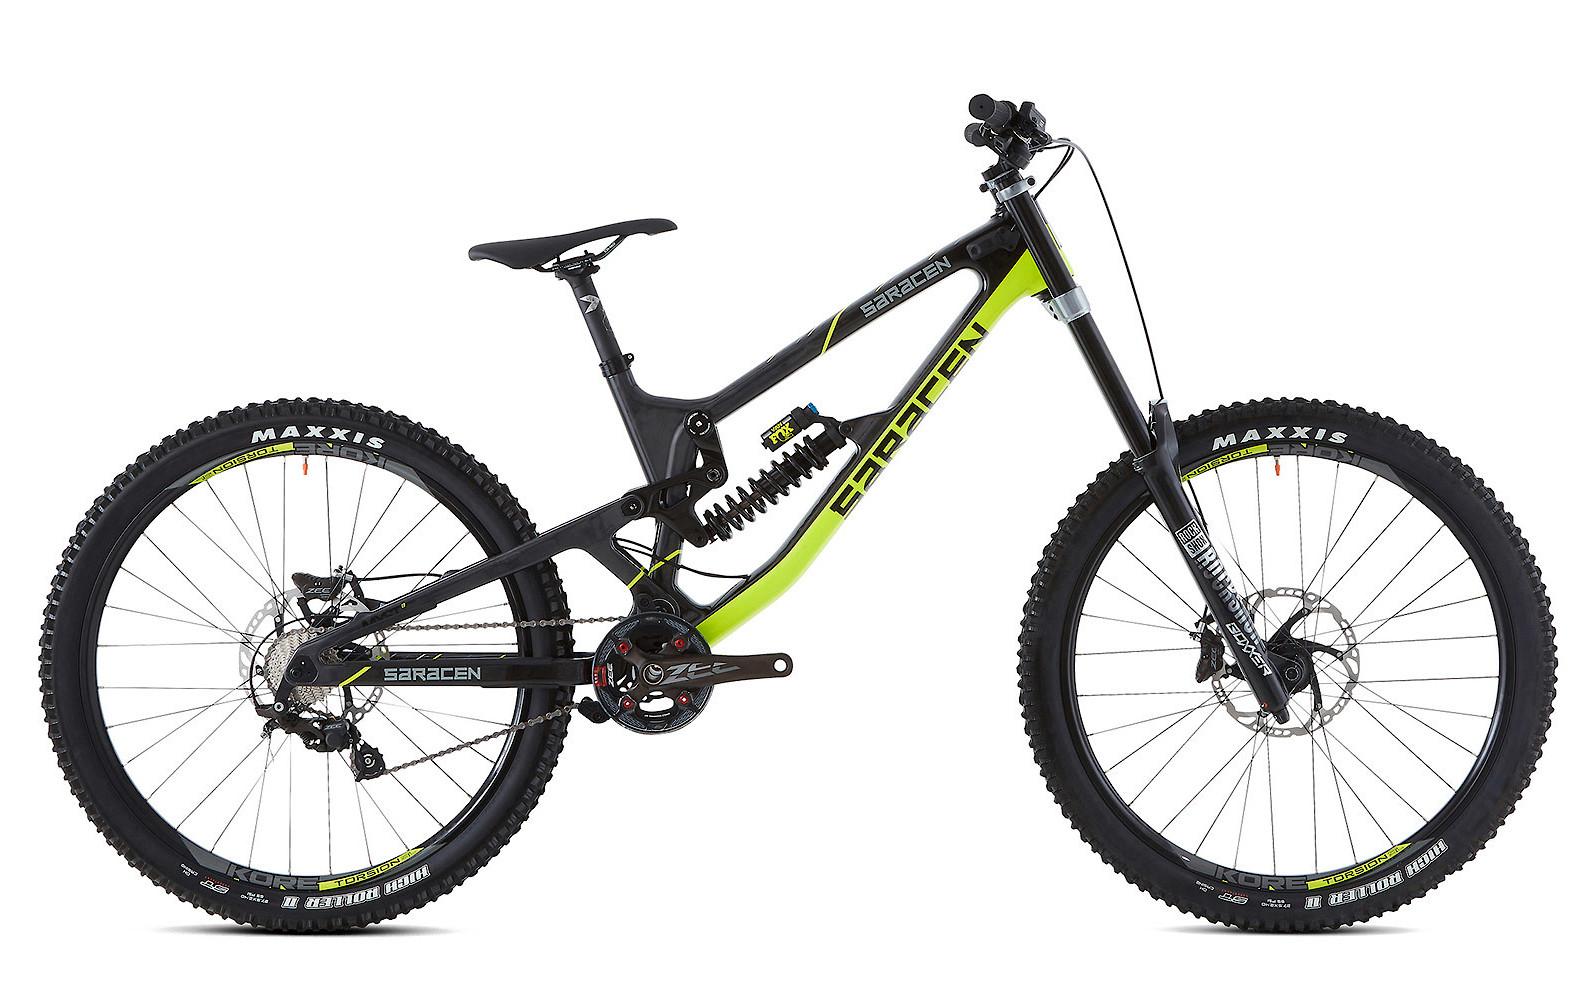 2019 Saracen Myst Pro Bike